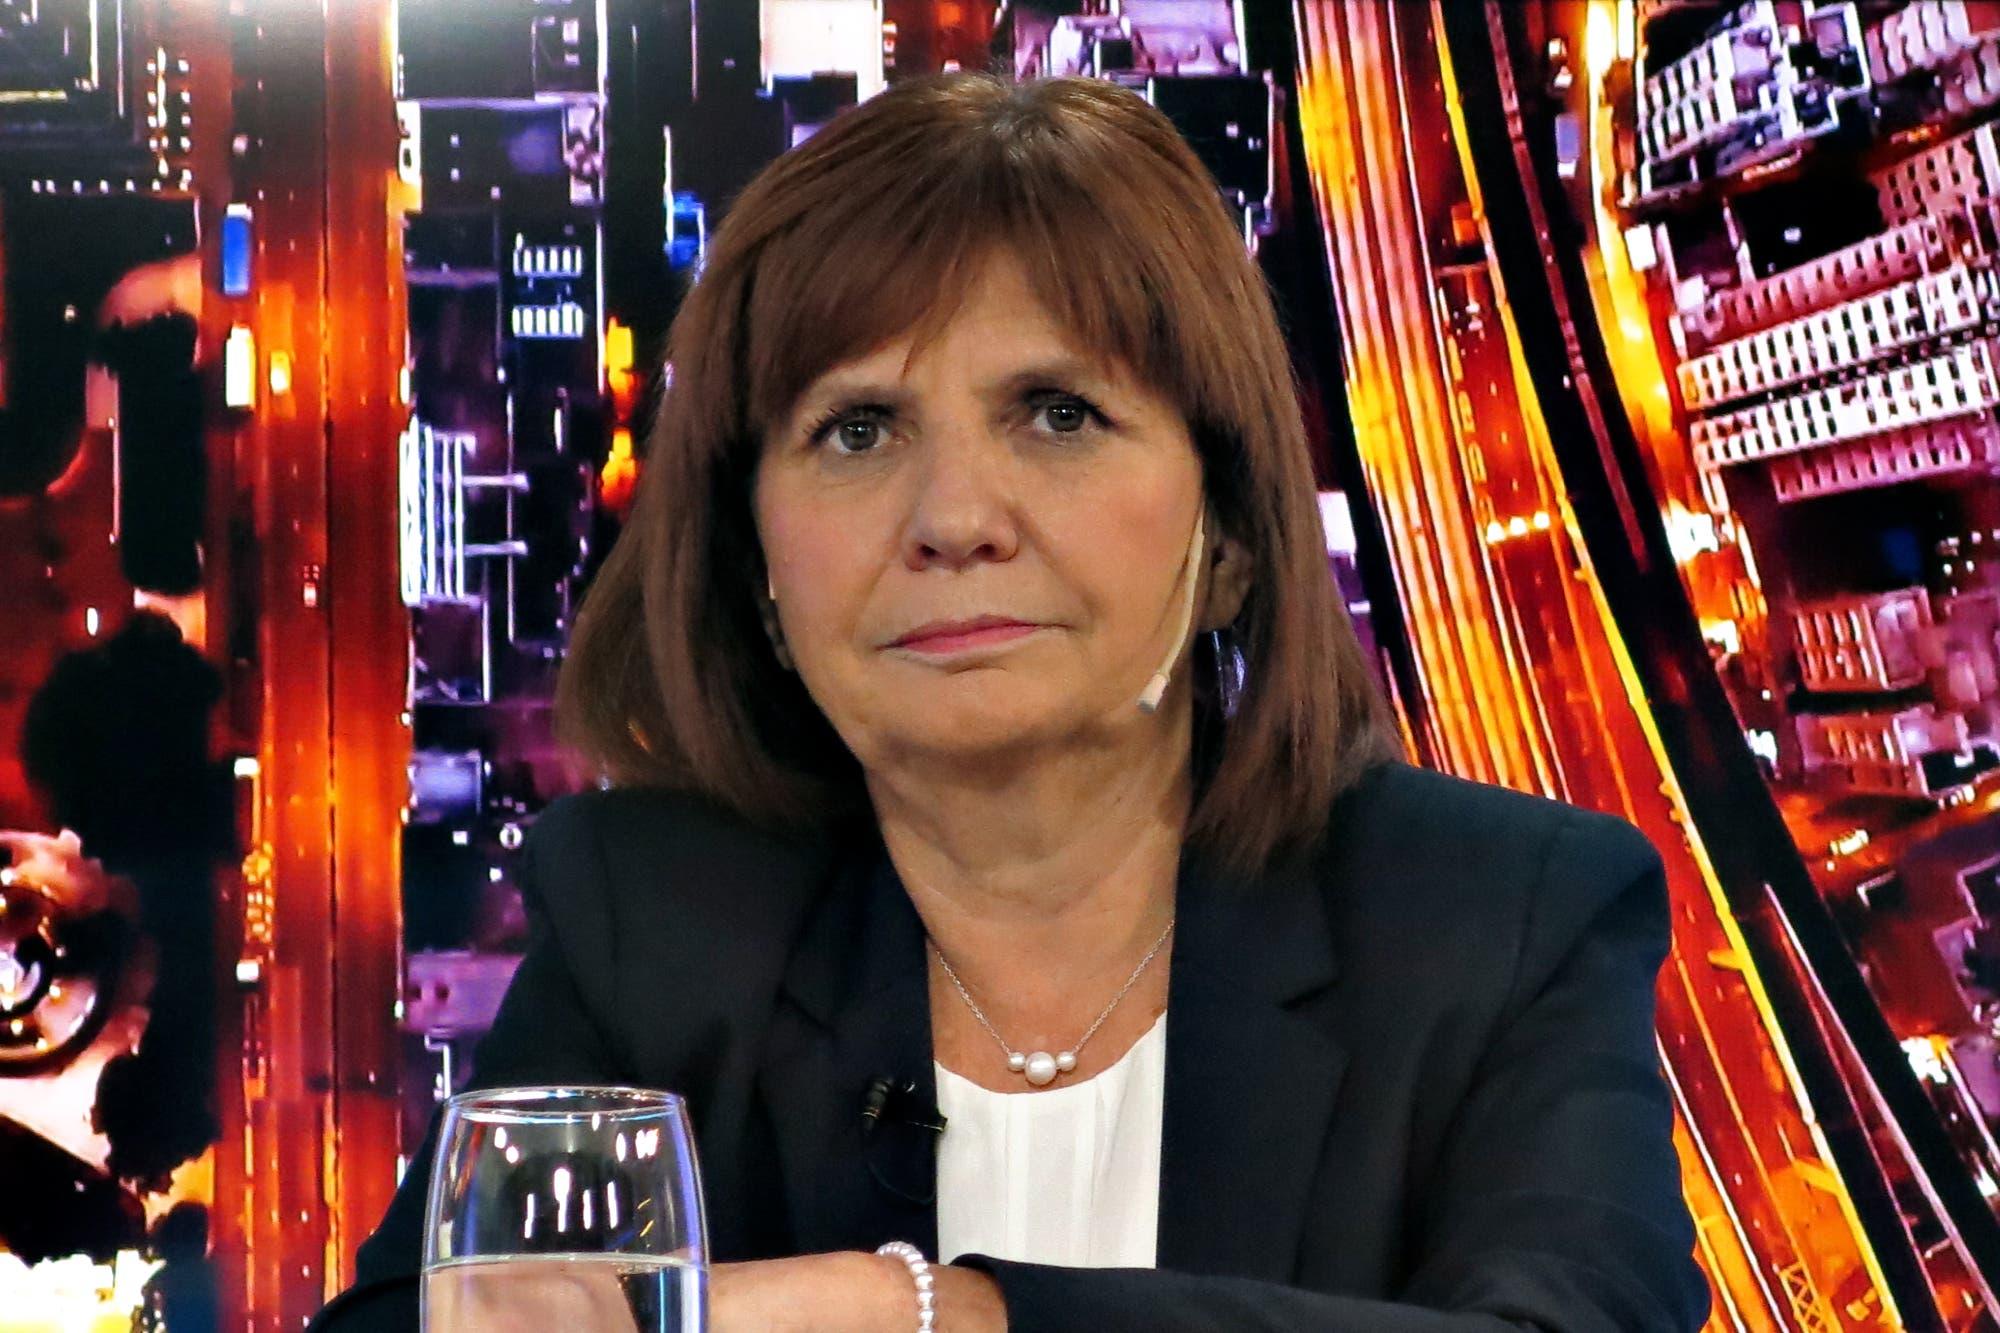 Patricia Bullrich relacionó los incidentes en el consulado con el kirchnerismo